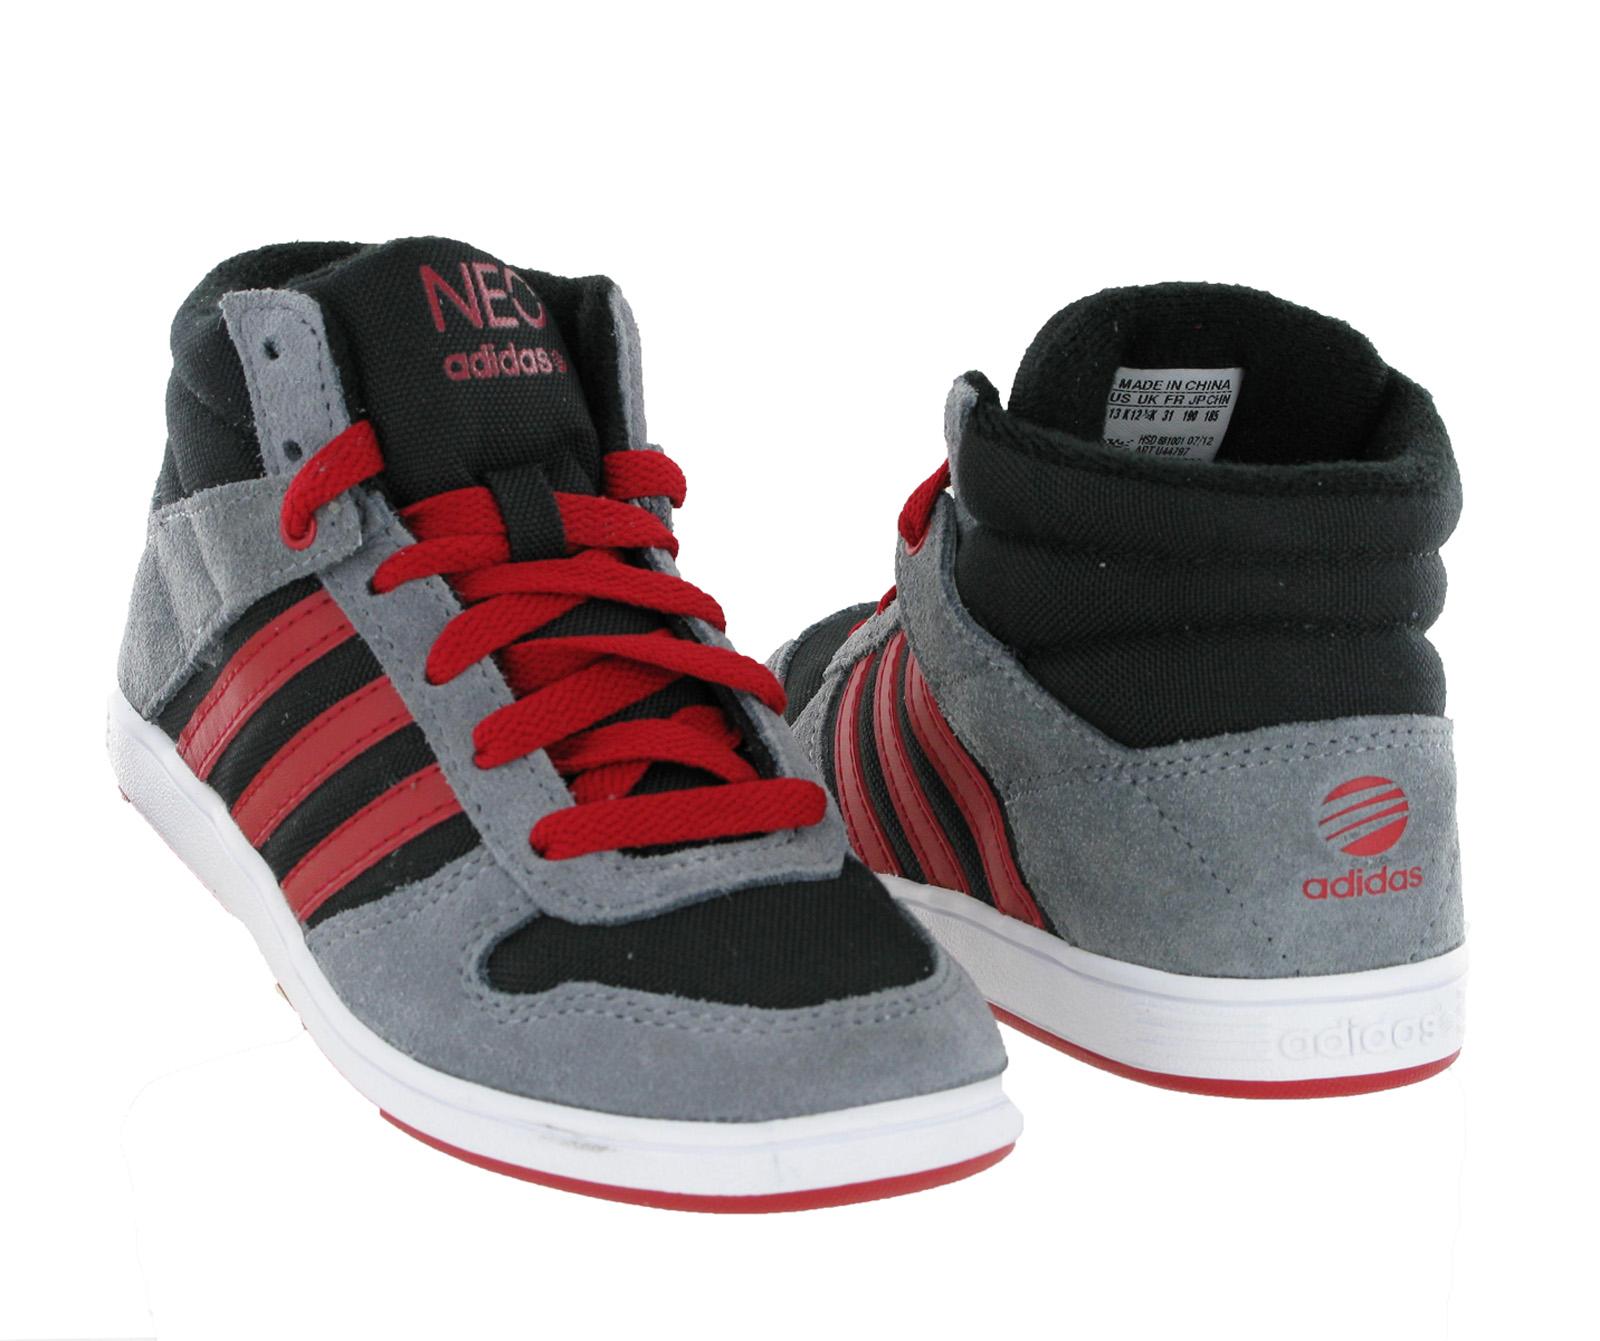 adidas boys high tops